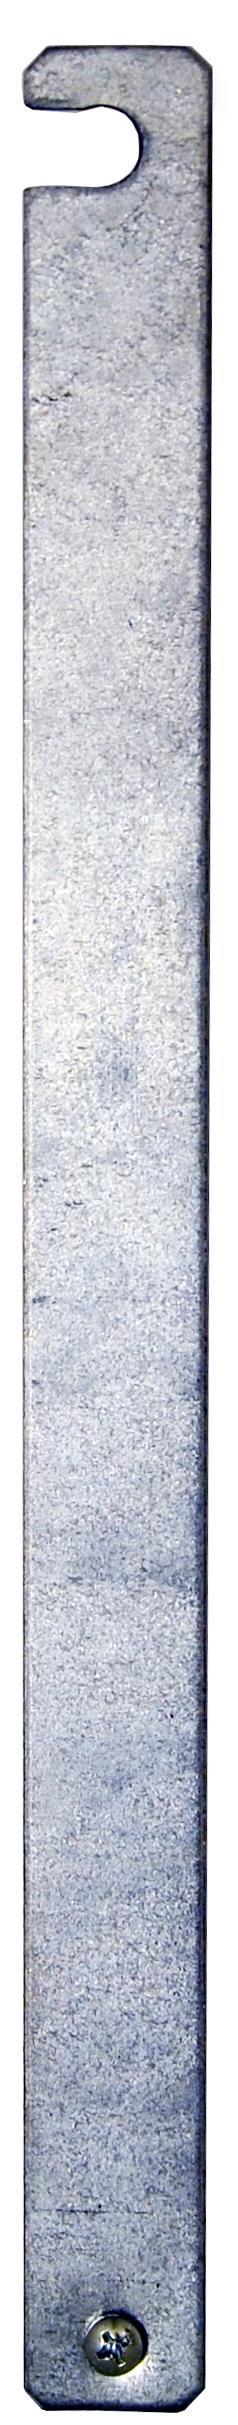 Adjufix 120073 Förlängningsarm MONTFIXST2 0-340 mm 4-pack